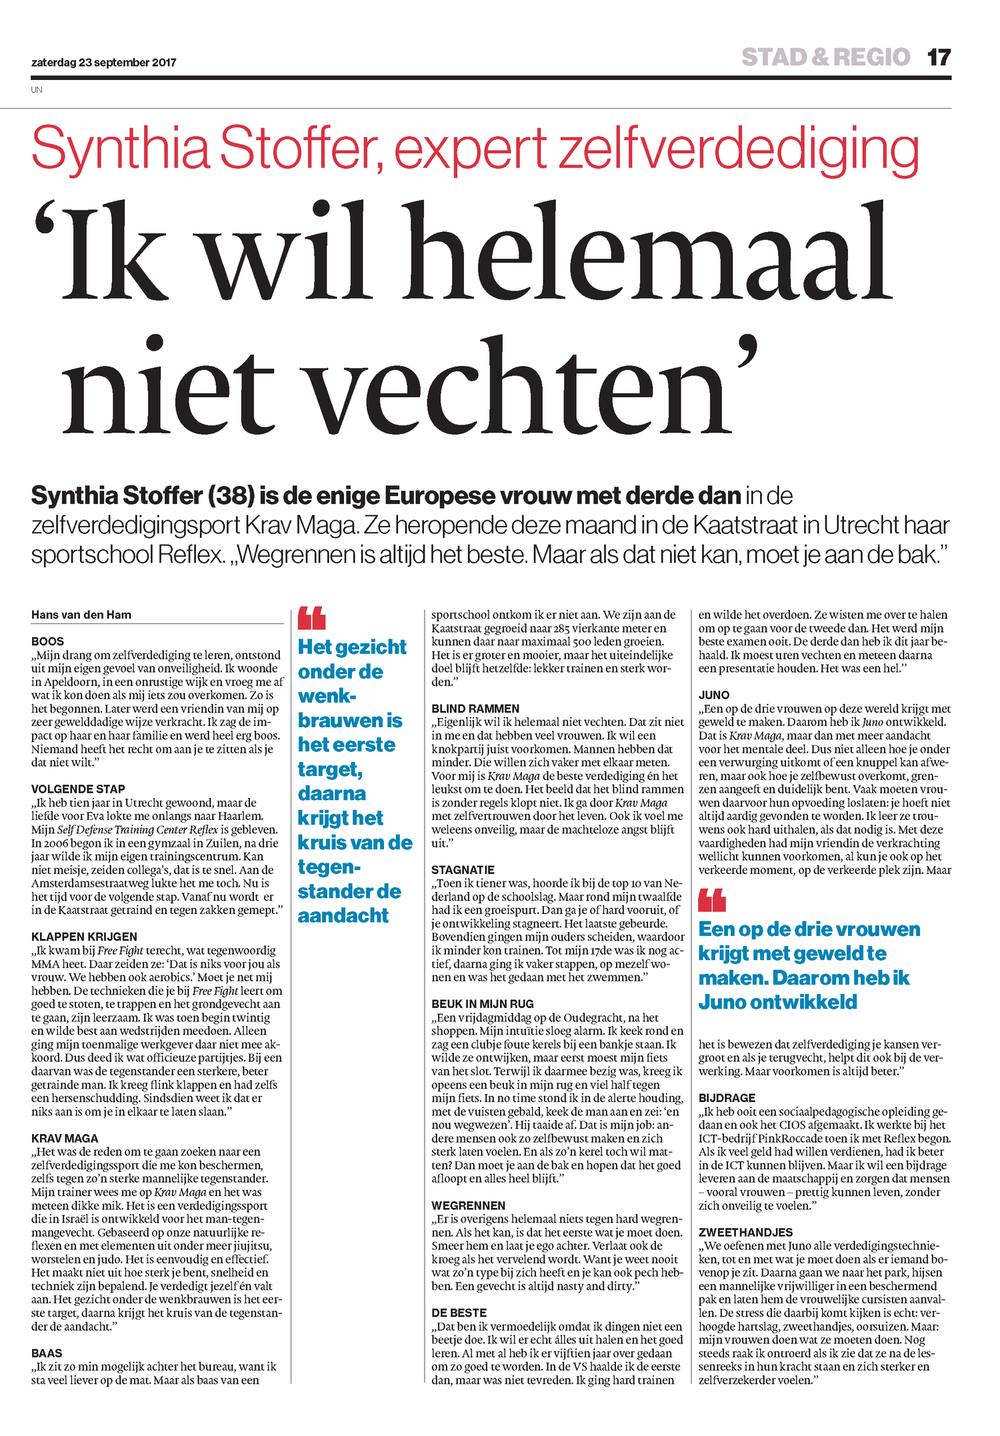 AD Utrecht over Synthia Stoffer01